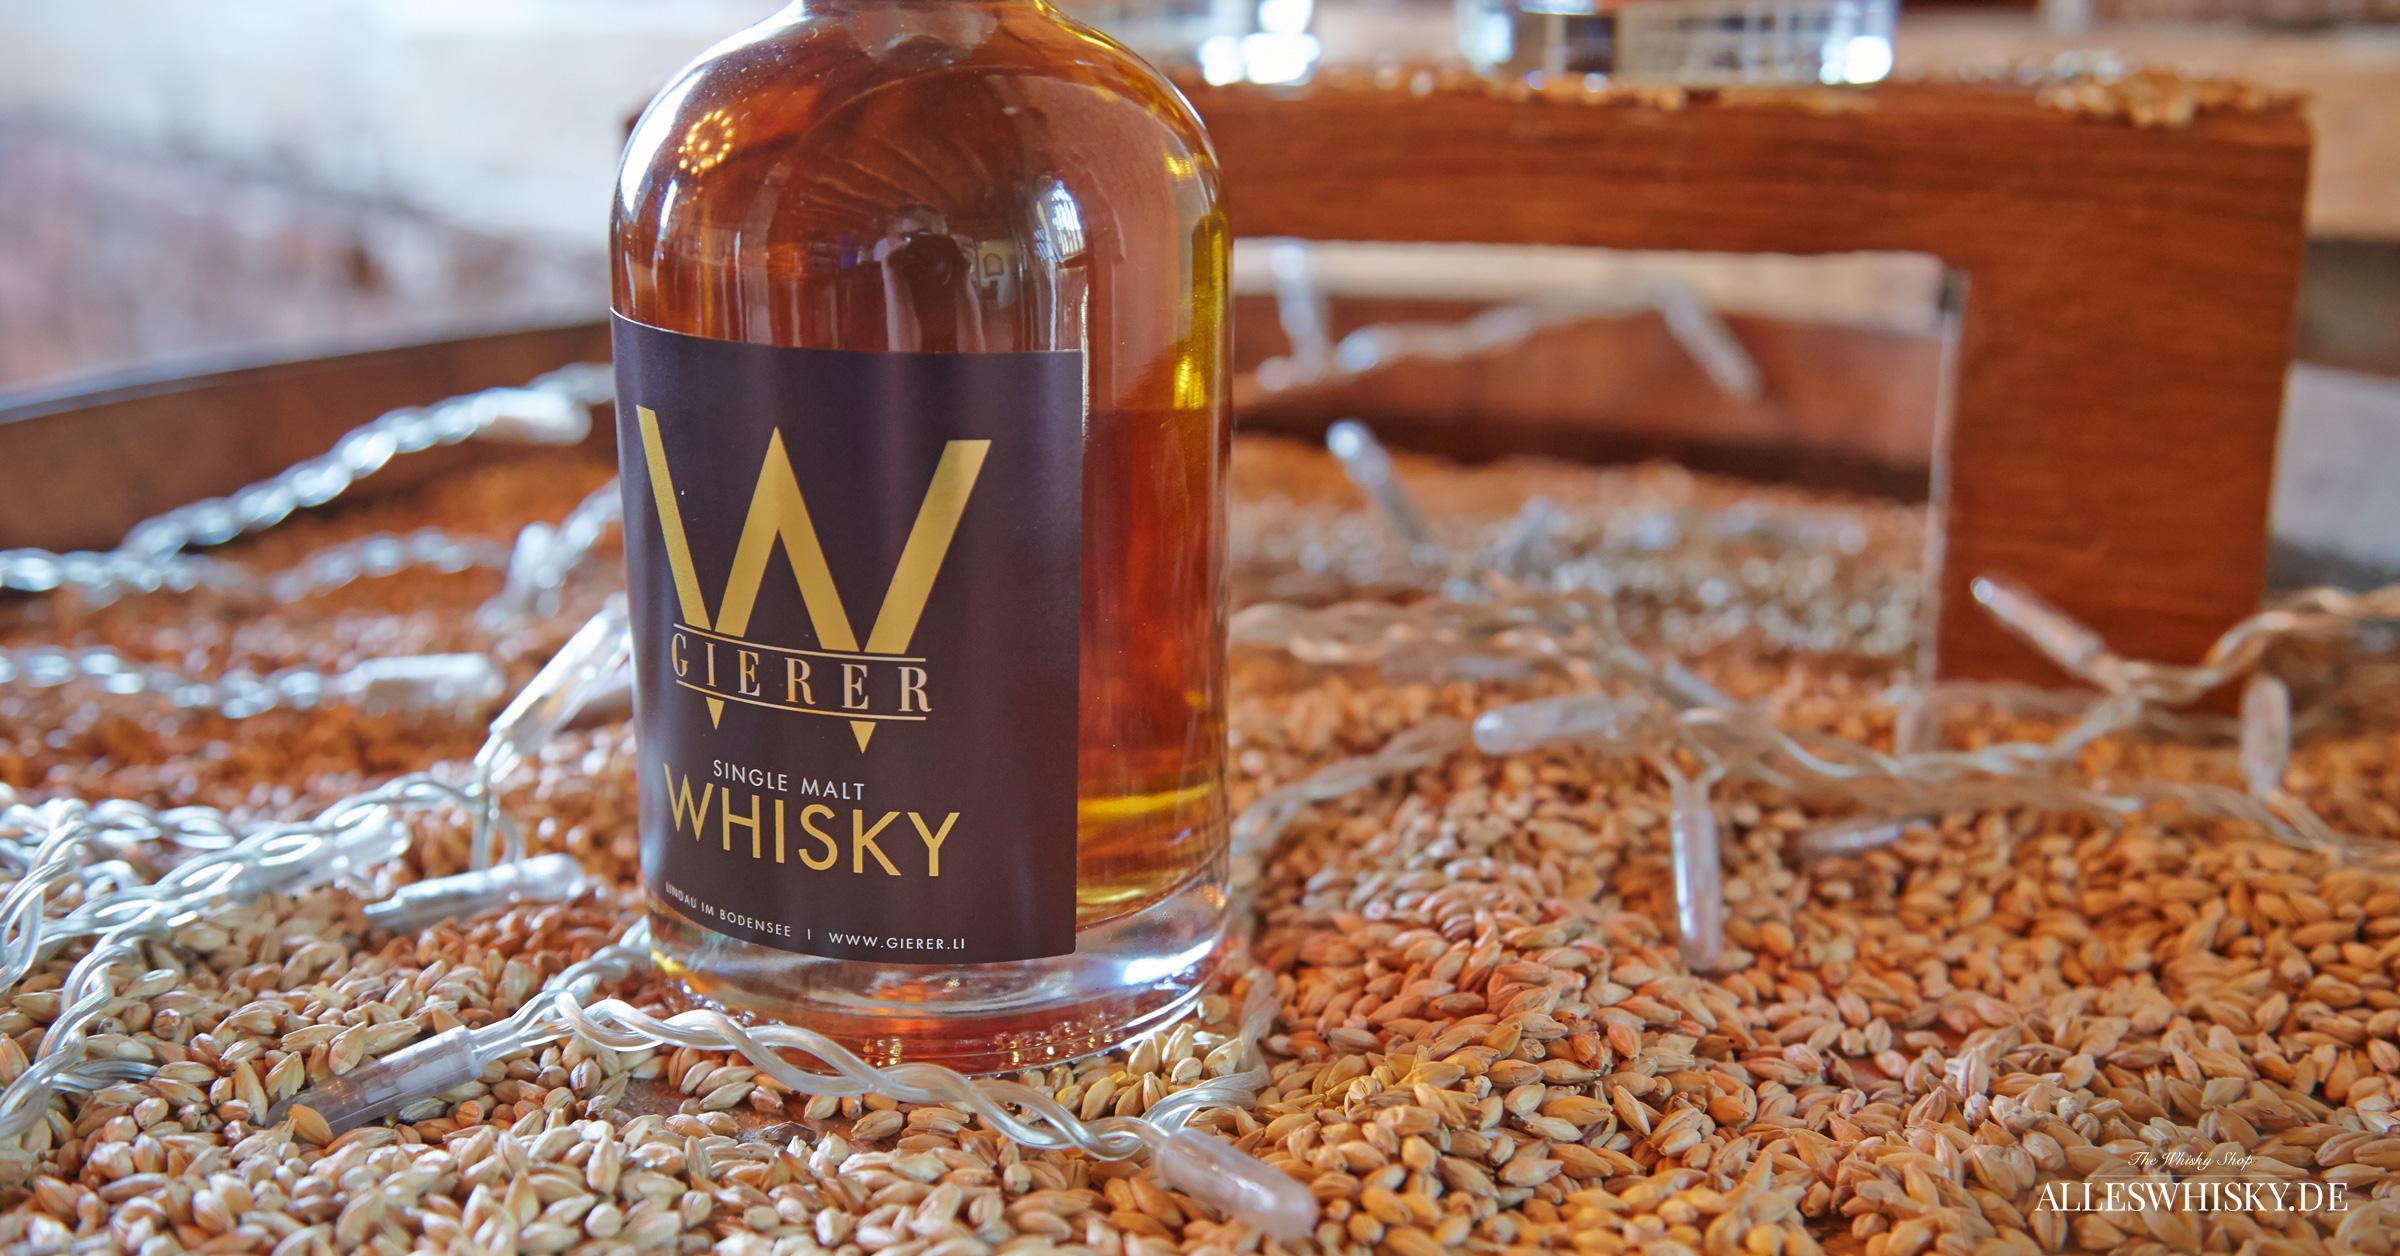 Gierer Whisky Präsentation im Shop